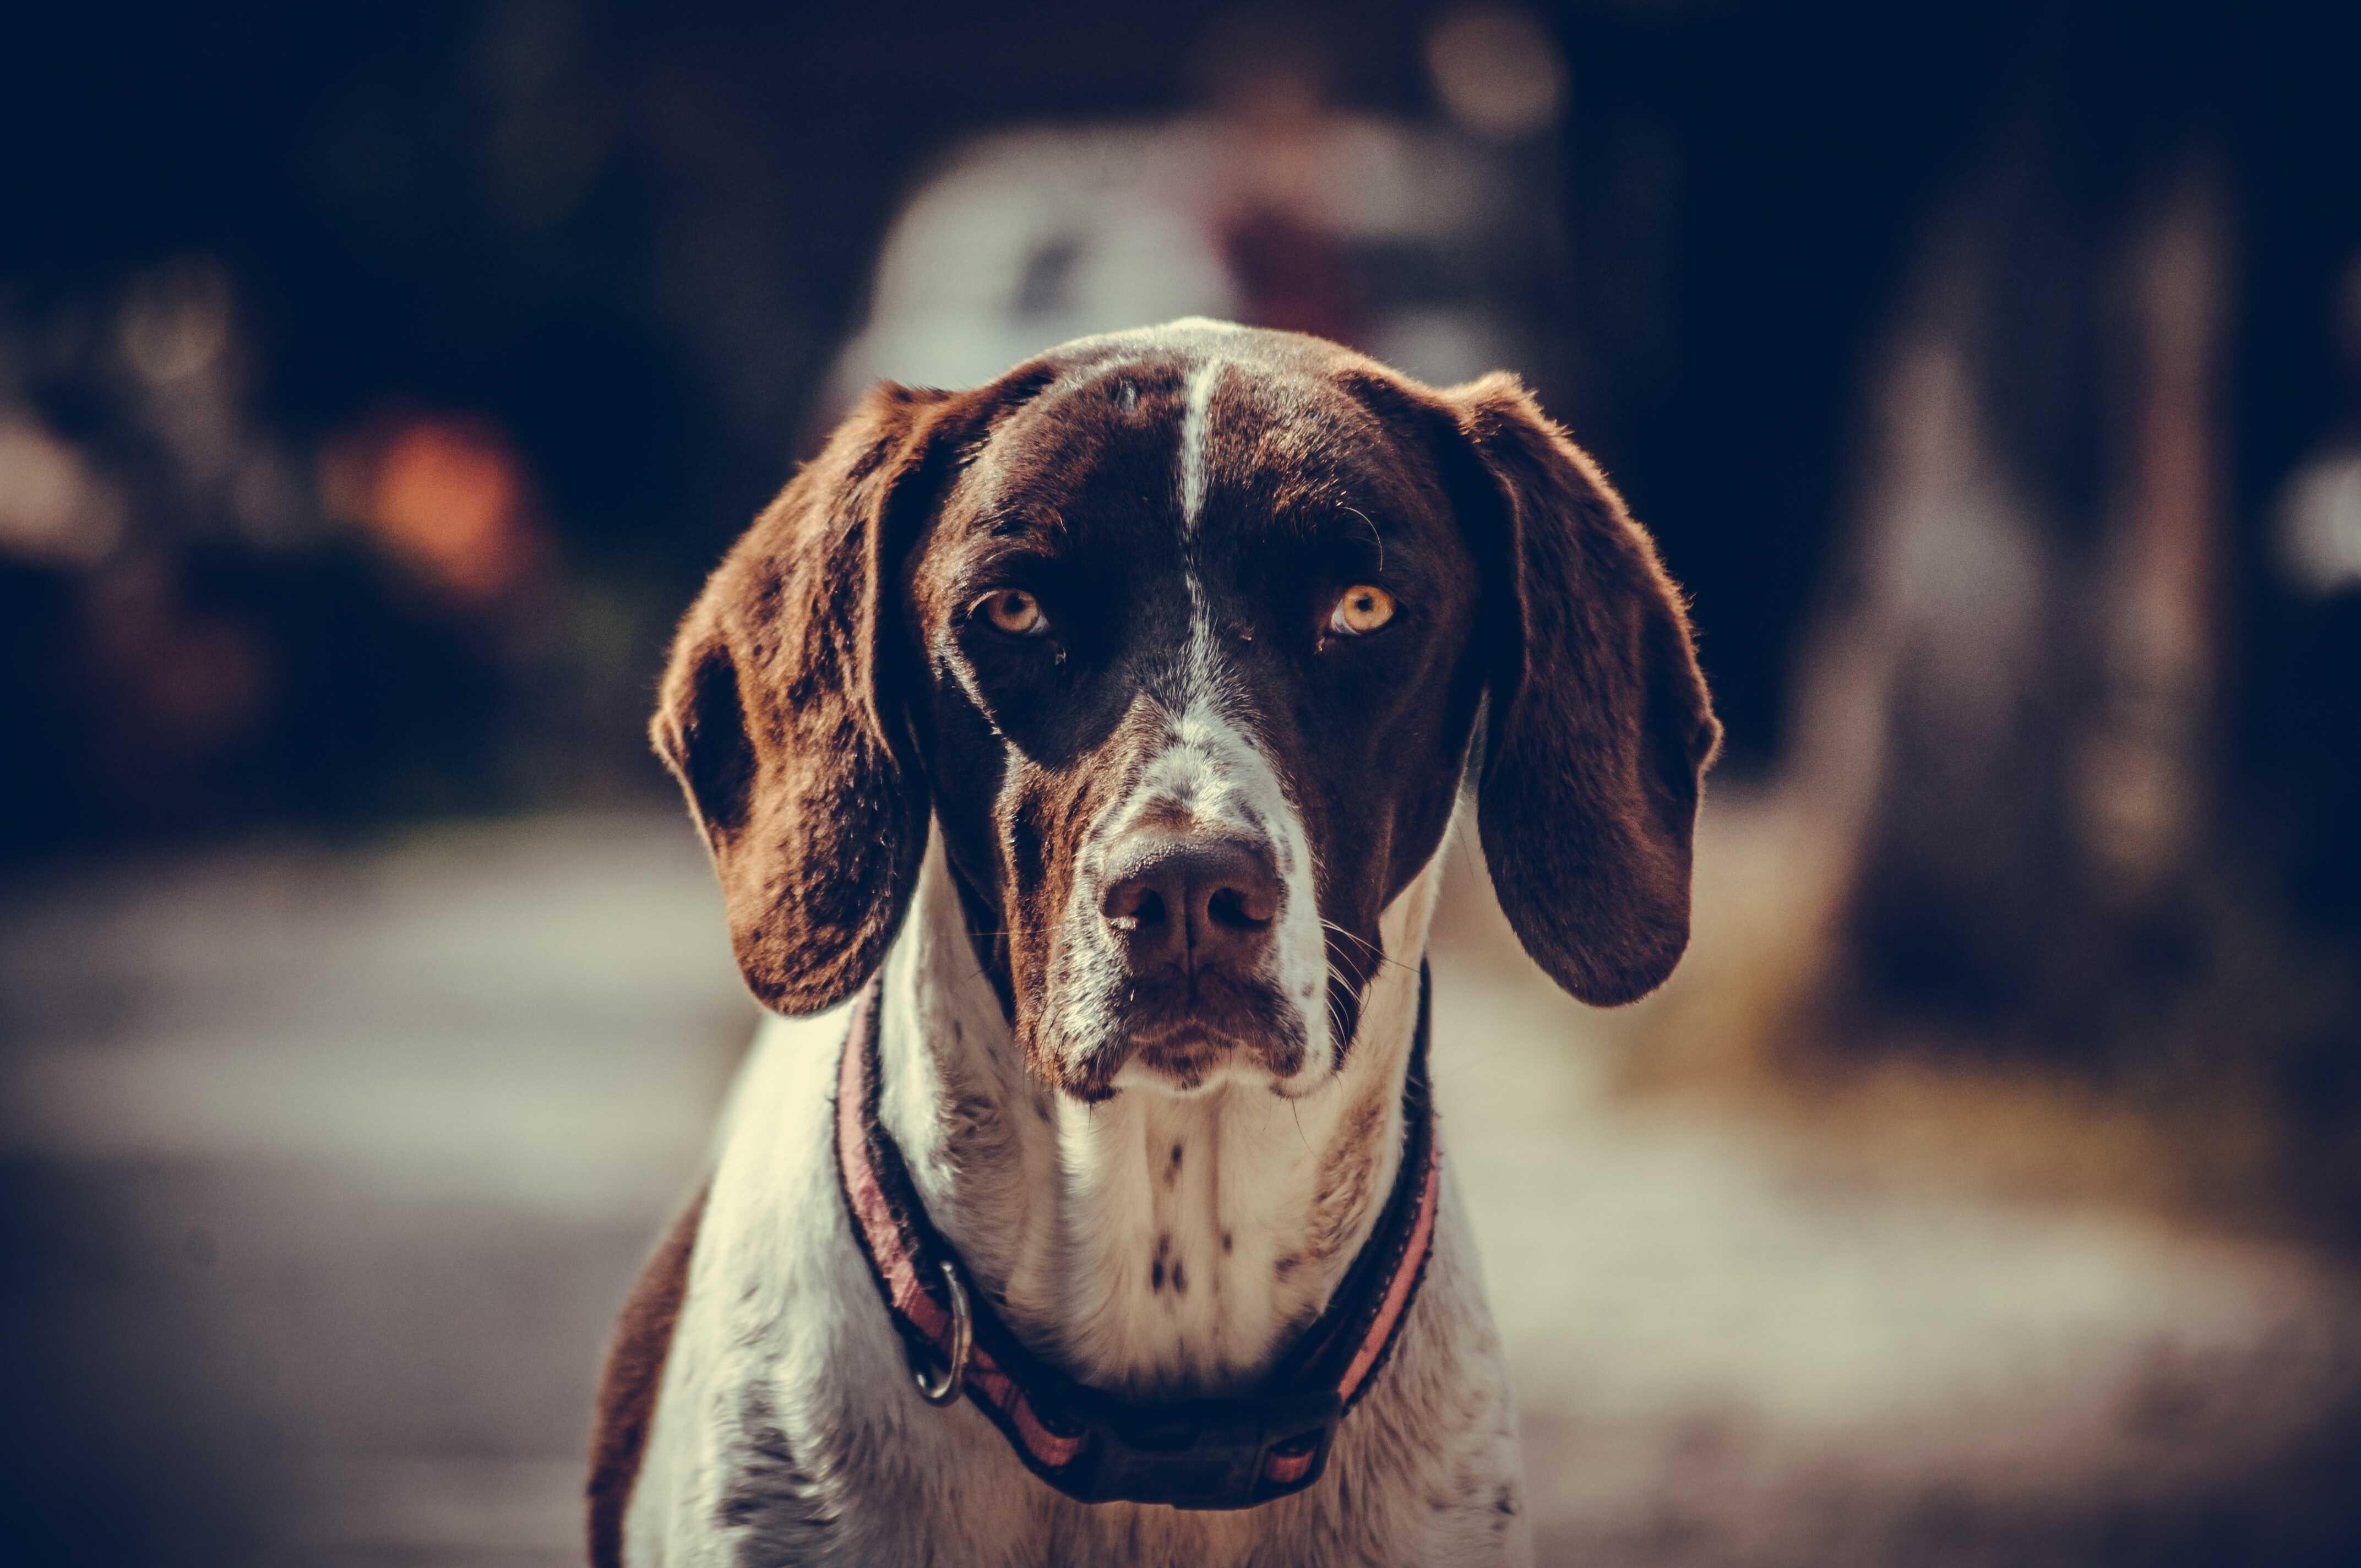 zaginął pies - smutny pies